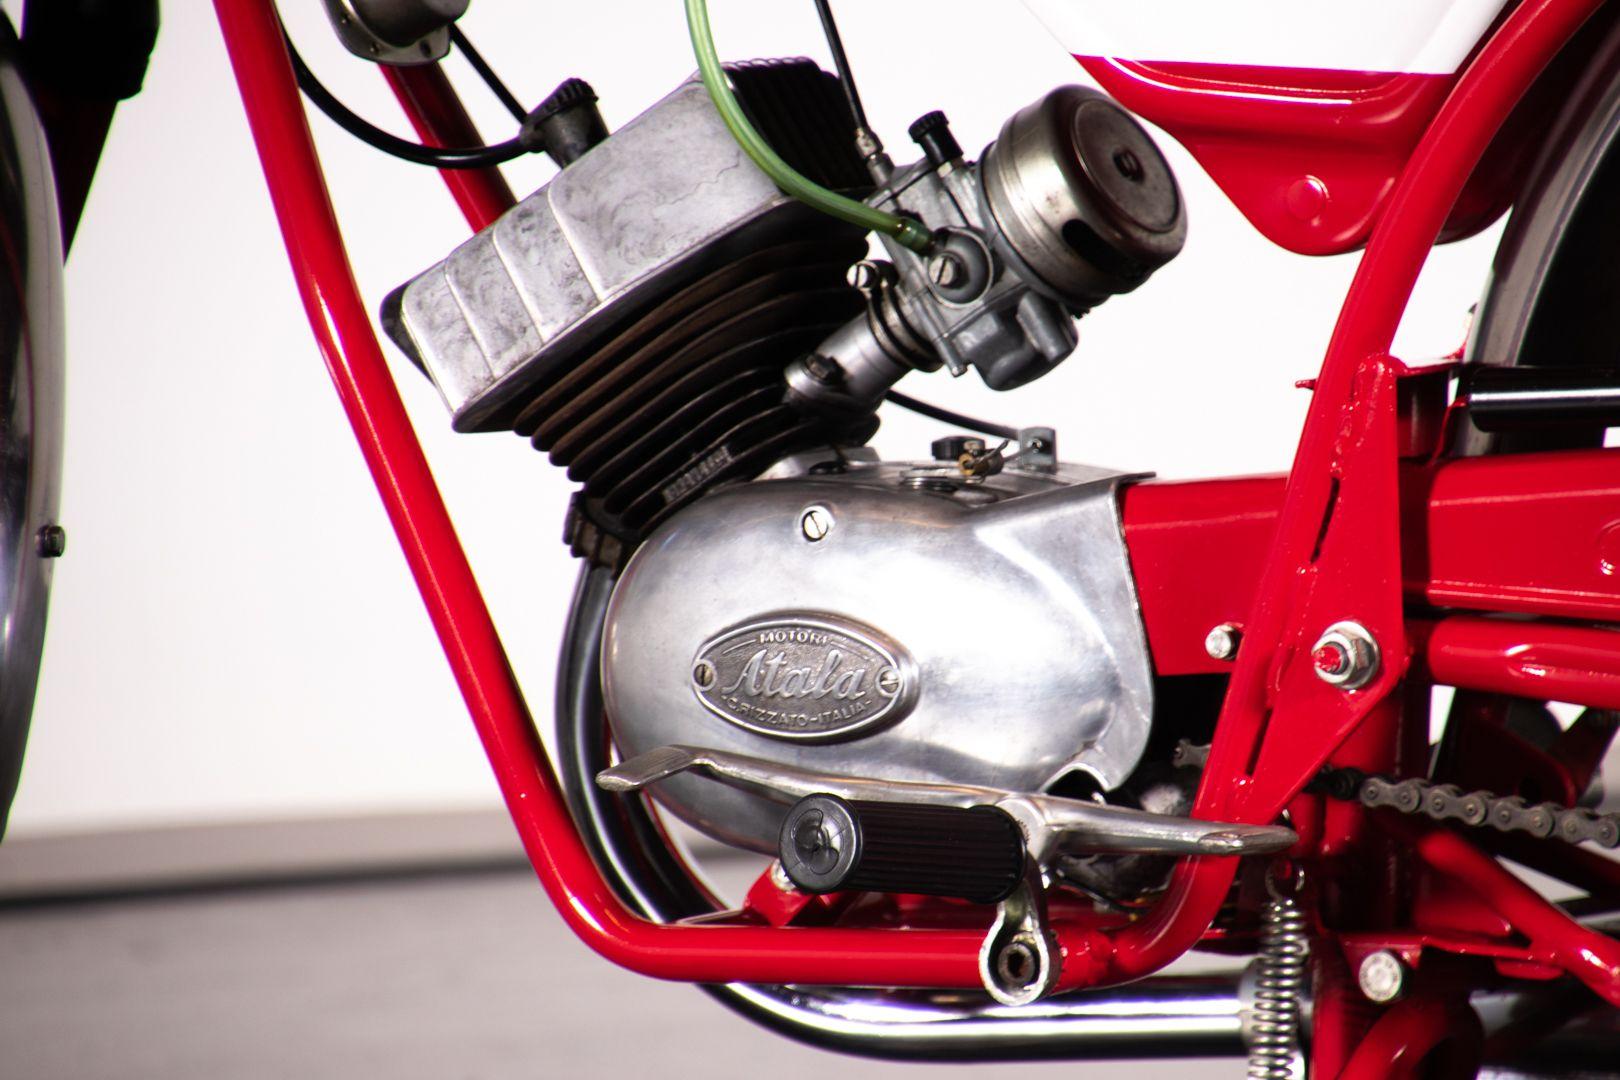 1966 RIZZATO FBM E3 51543